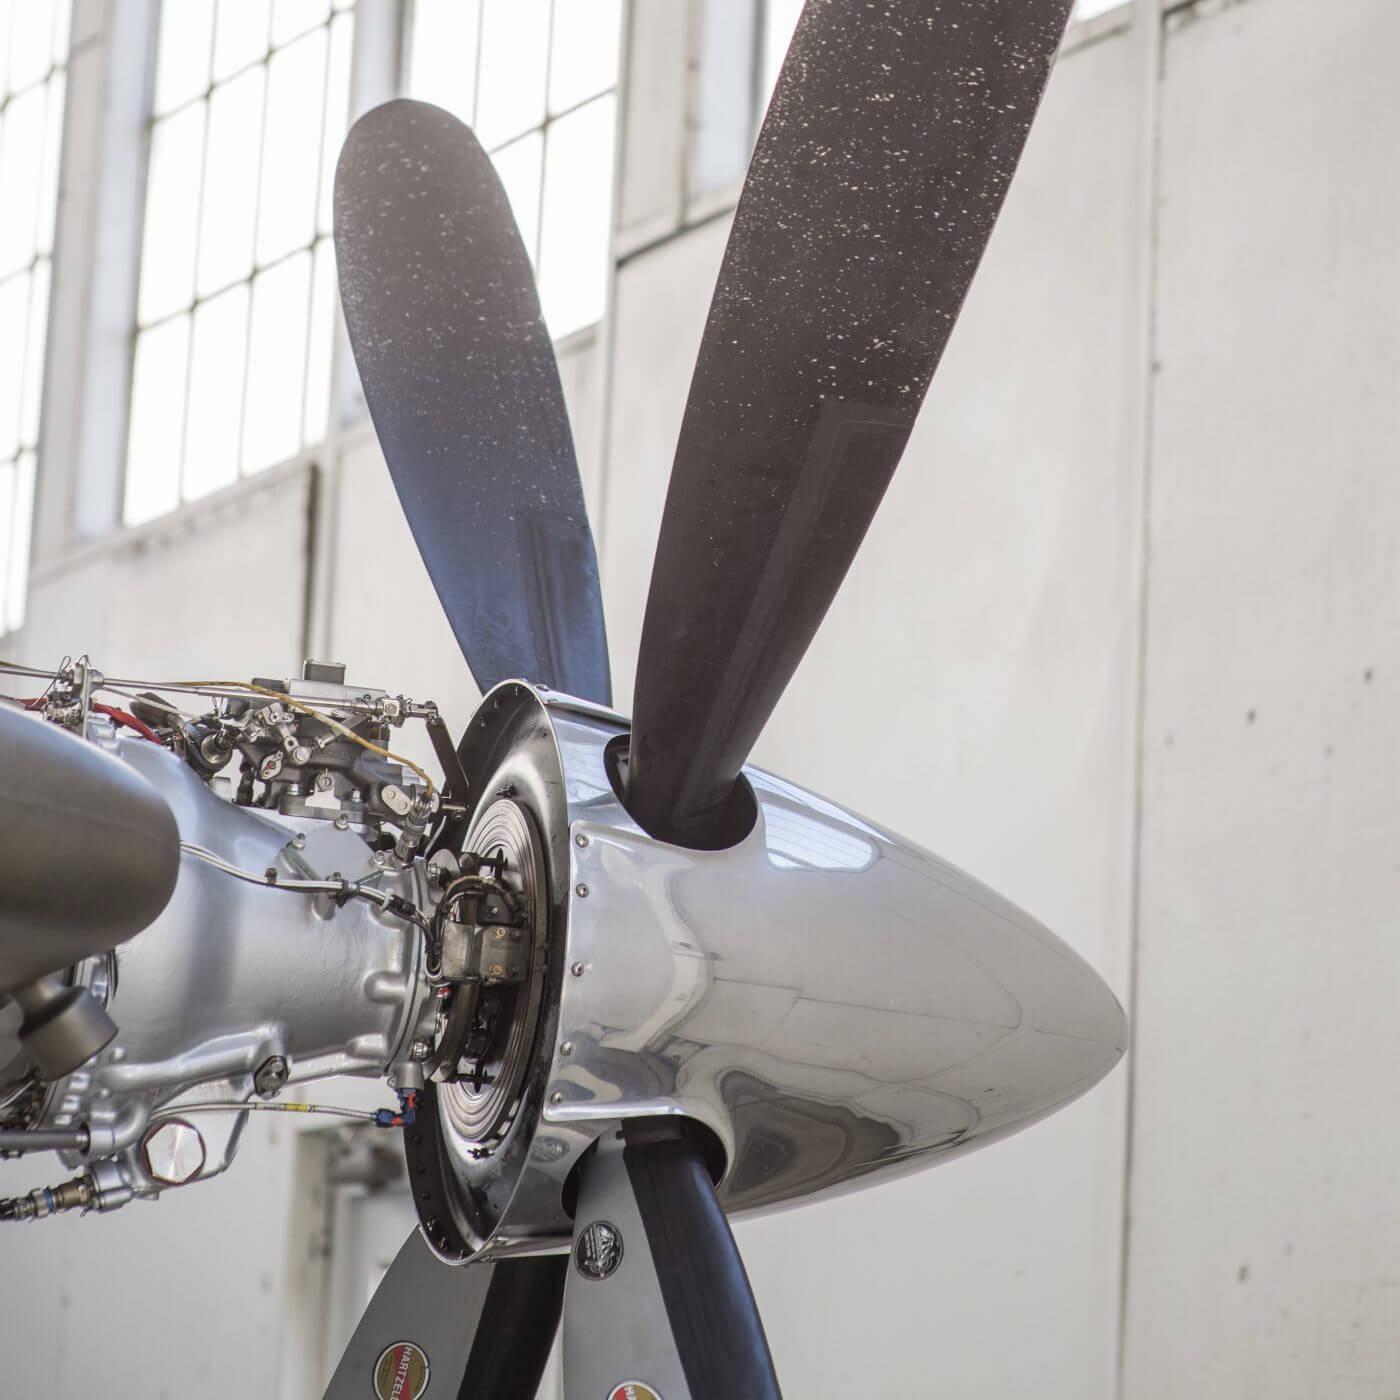 A closeup of an airplane propeller.